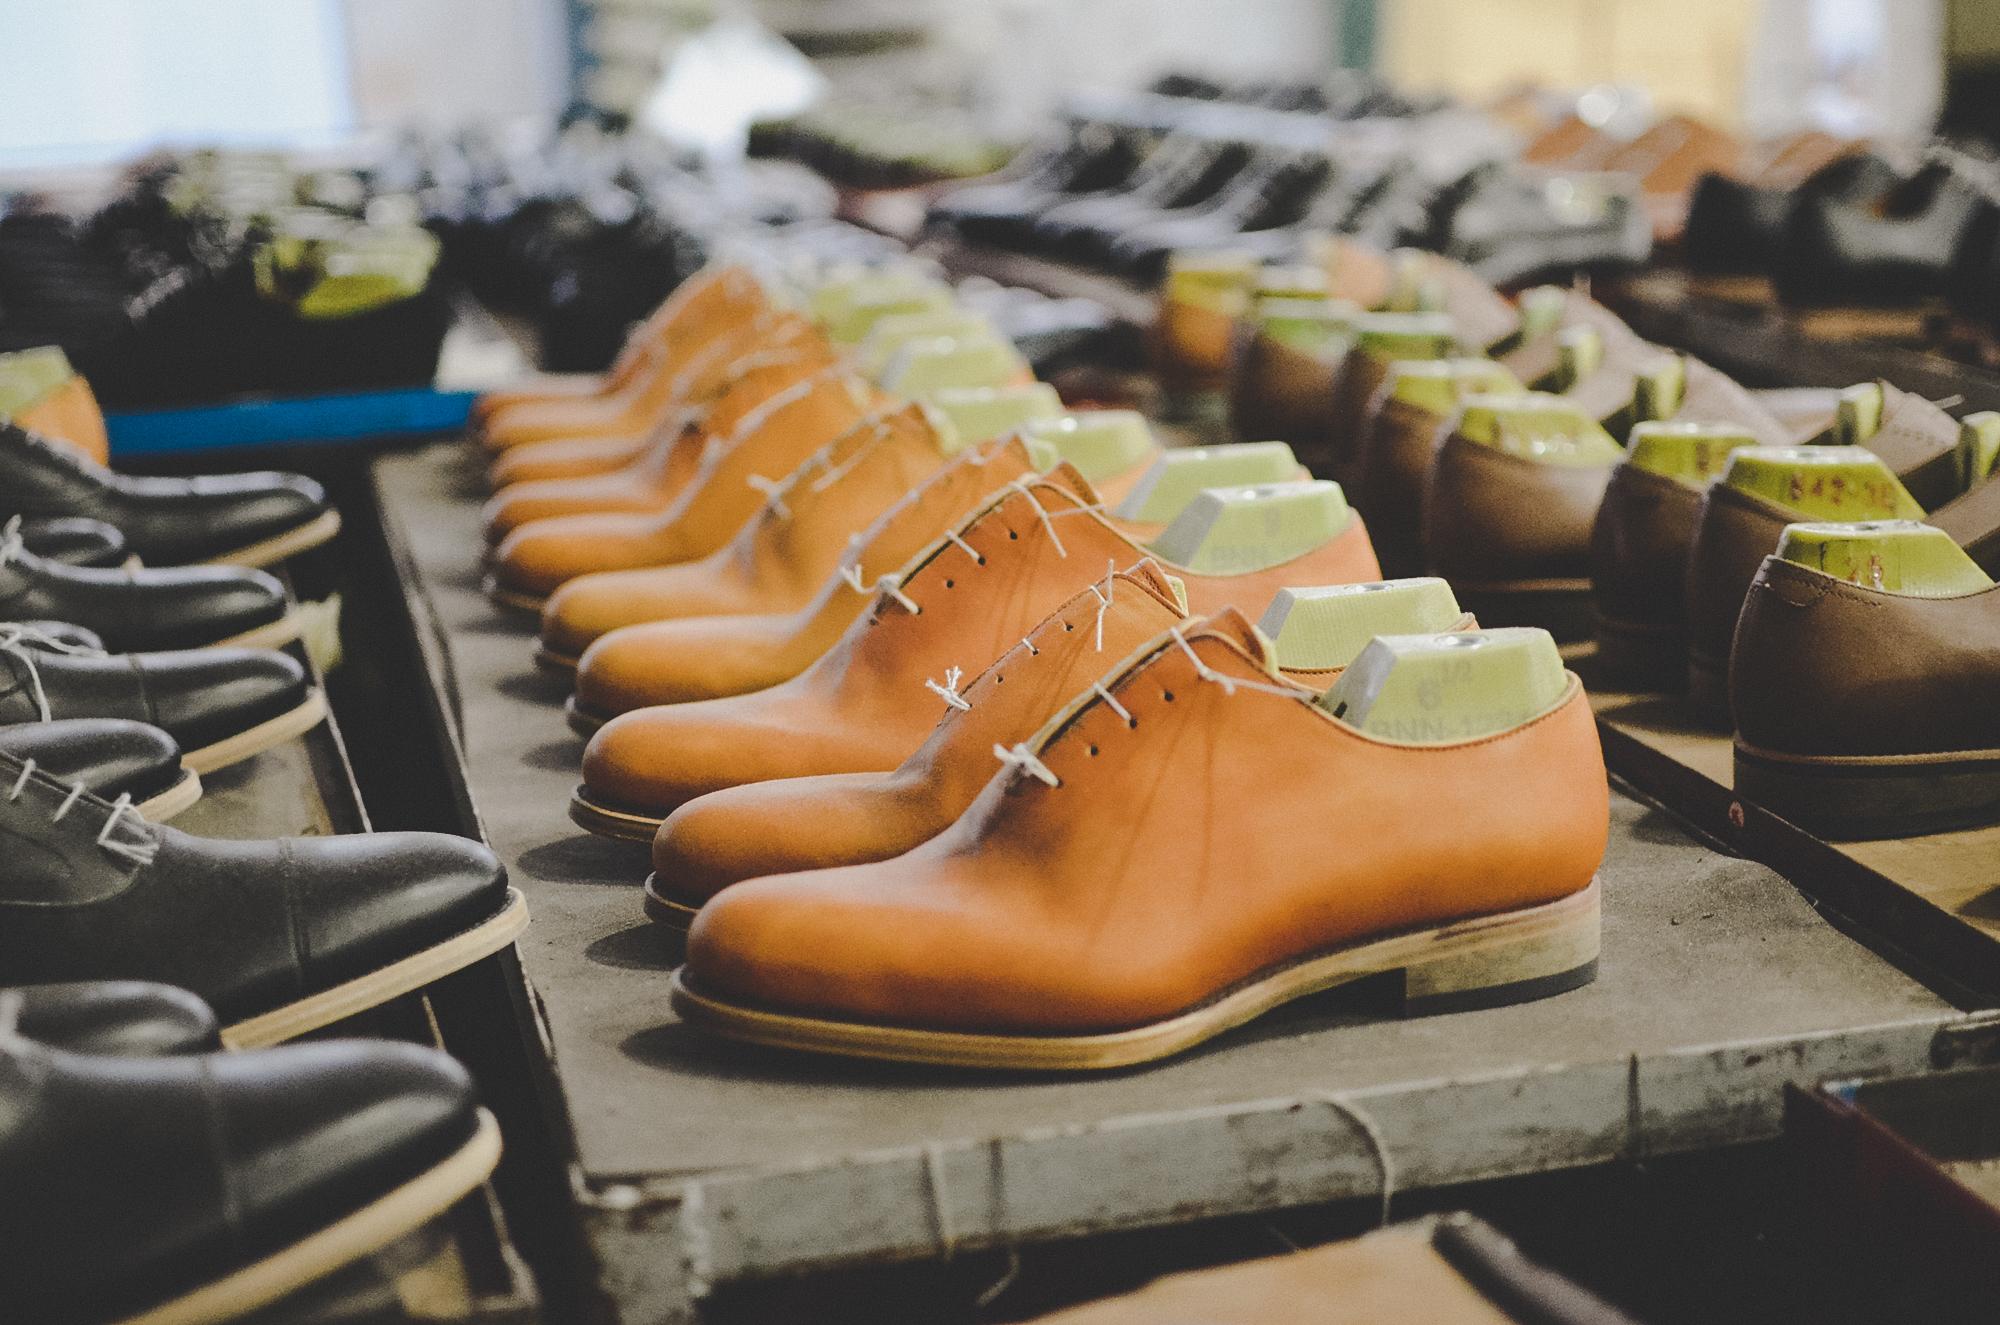 Nơi robot không thay thế được con người: 150 nhân công, 300 đôi giày thủ công cao cấp mỗi ngày và ước mơ khởi nghiệp của doanh nhân Miền Tây sinh năm 1976 - Ảnh 11.